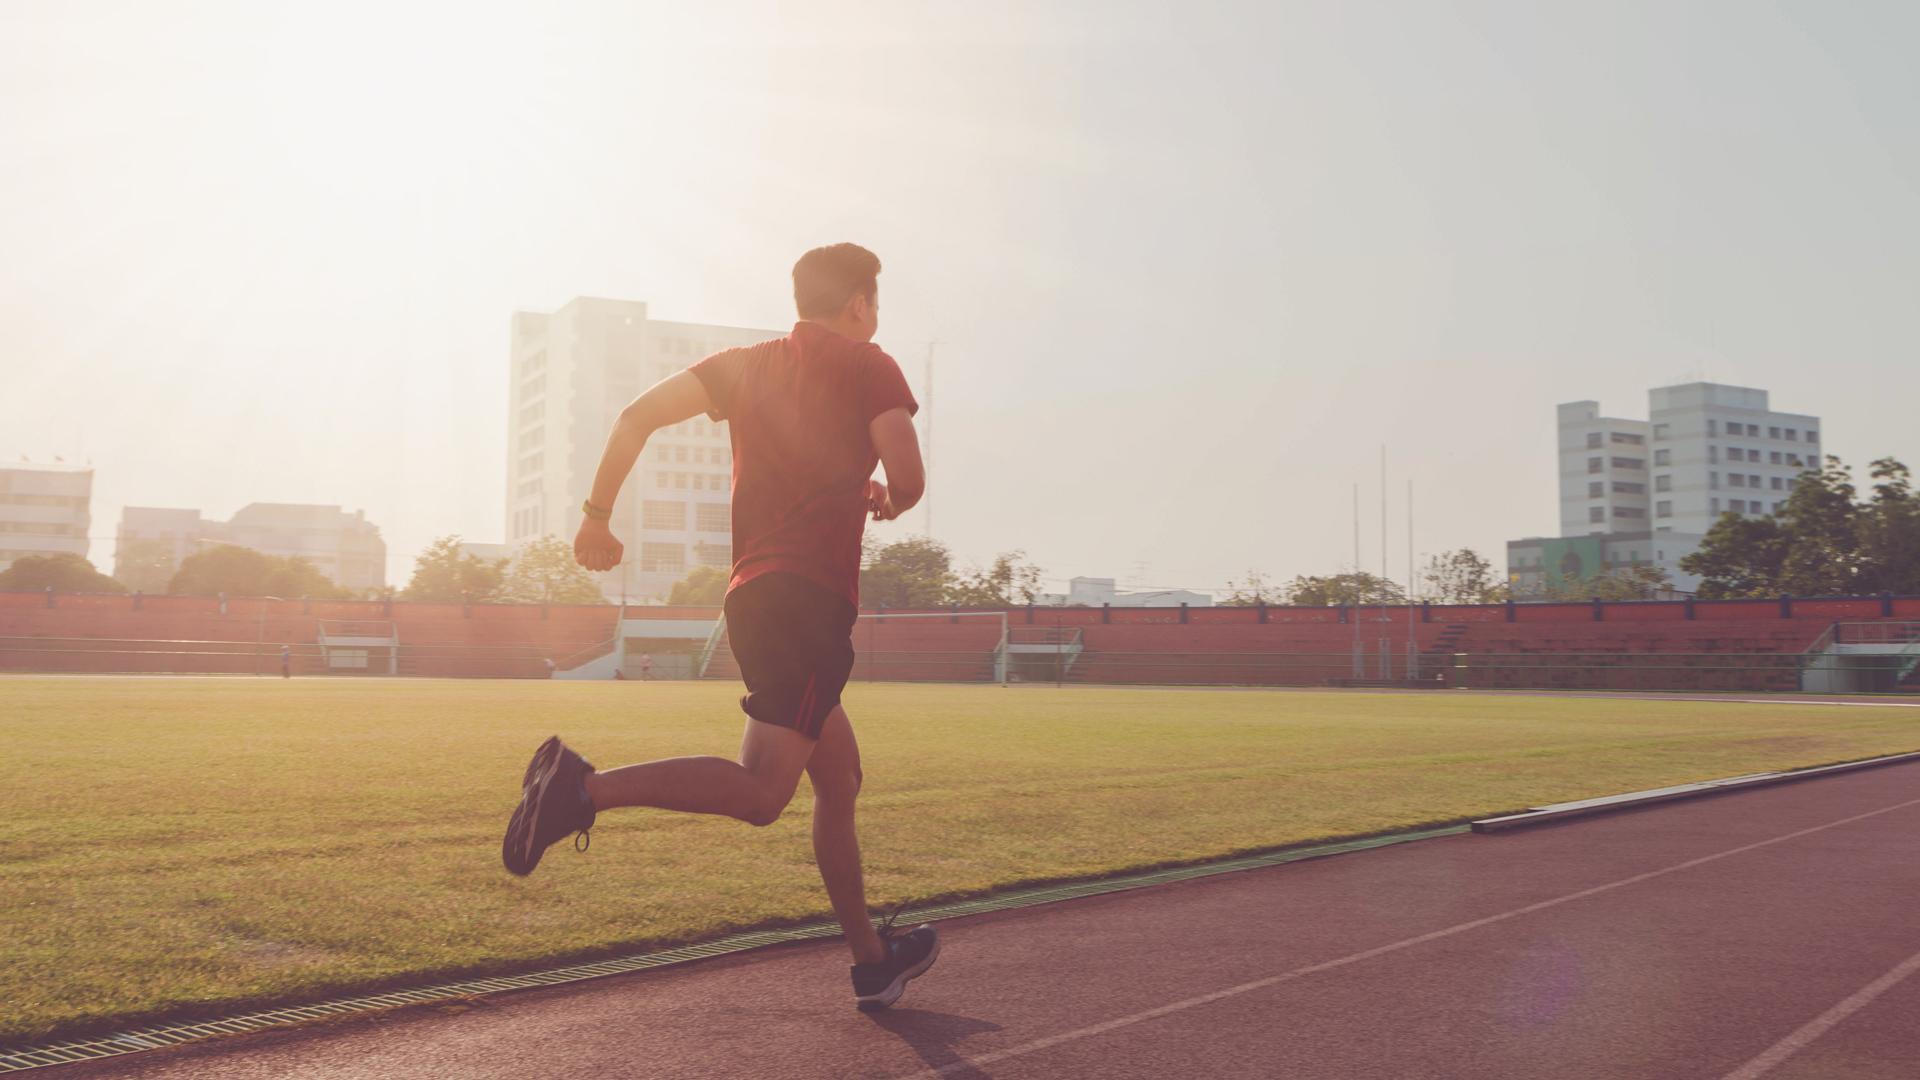 8 bài tập chạy bộ đúng cách cơ bản nhất hiện nay